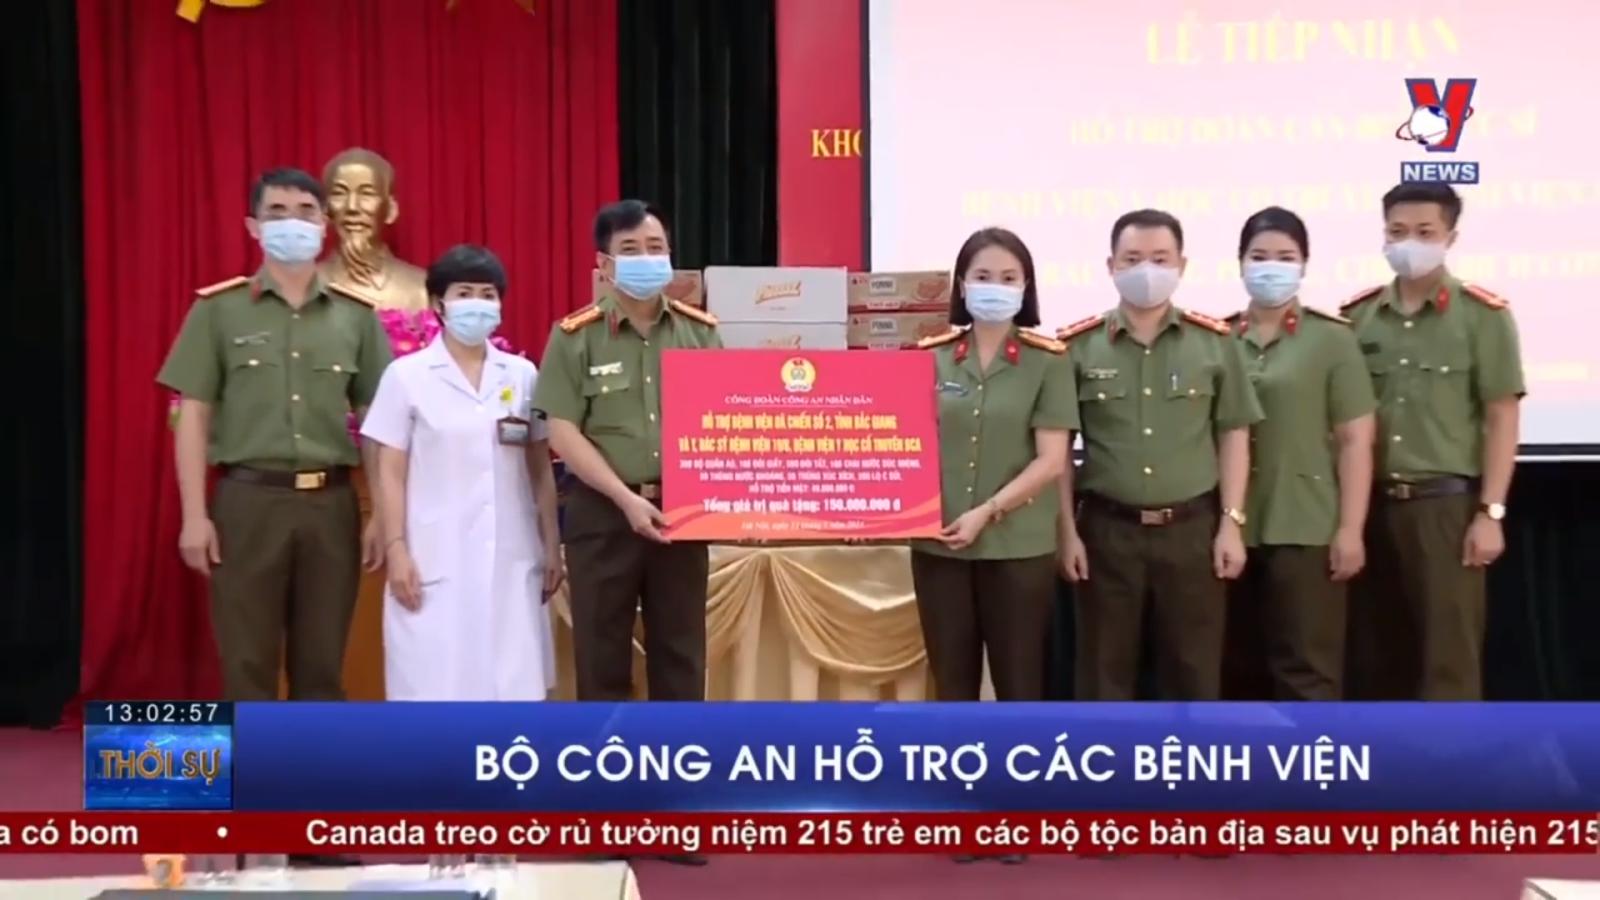 Bộ Công an hỗ trợ các bệnh viện